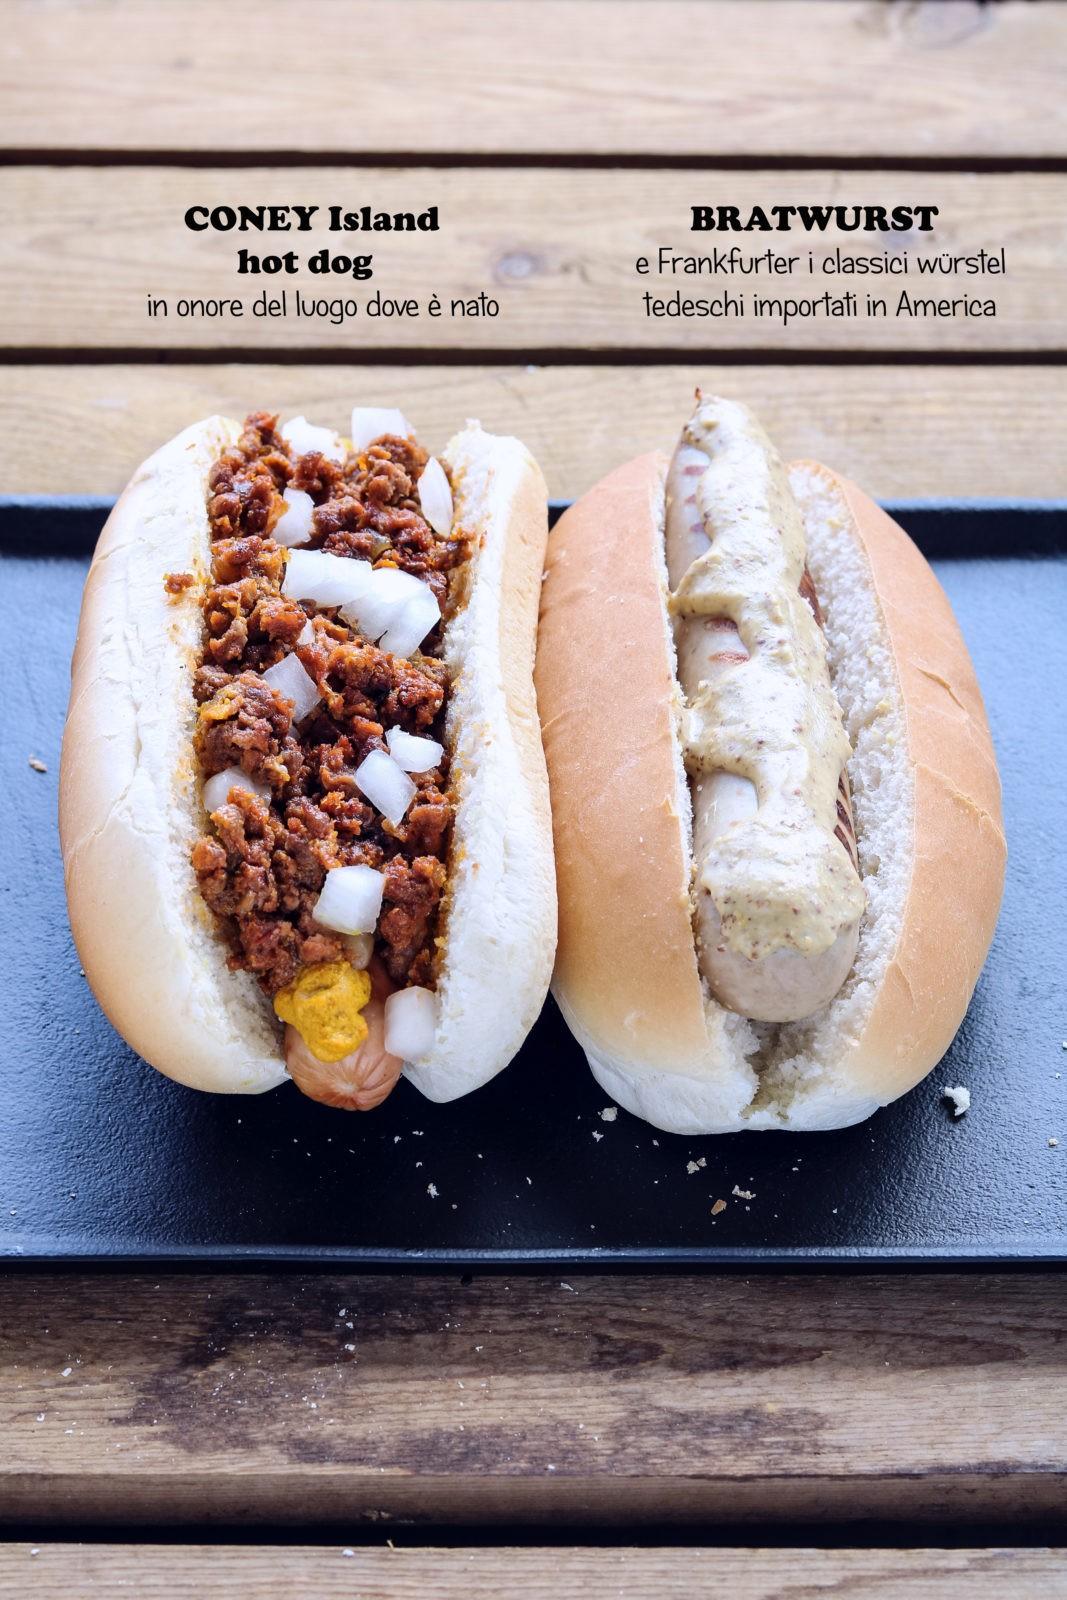 hotdogconeybratfrank